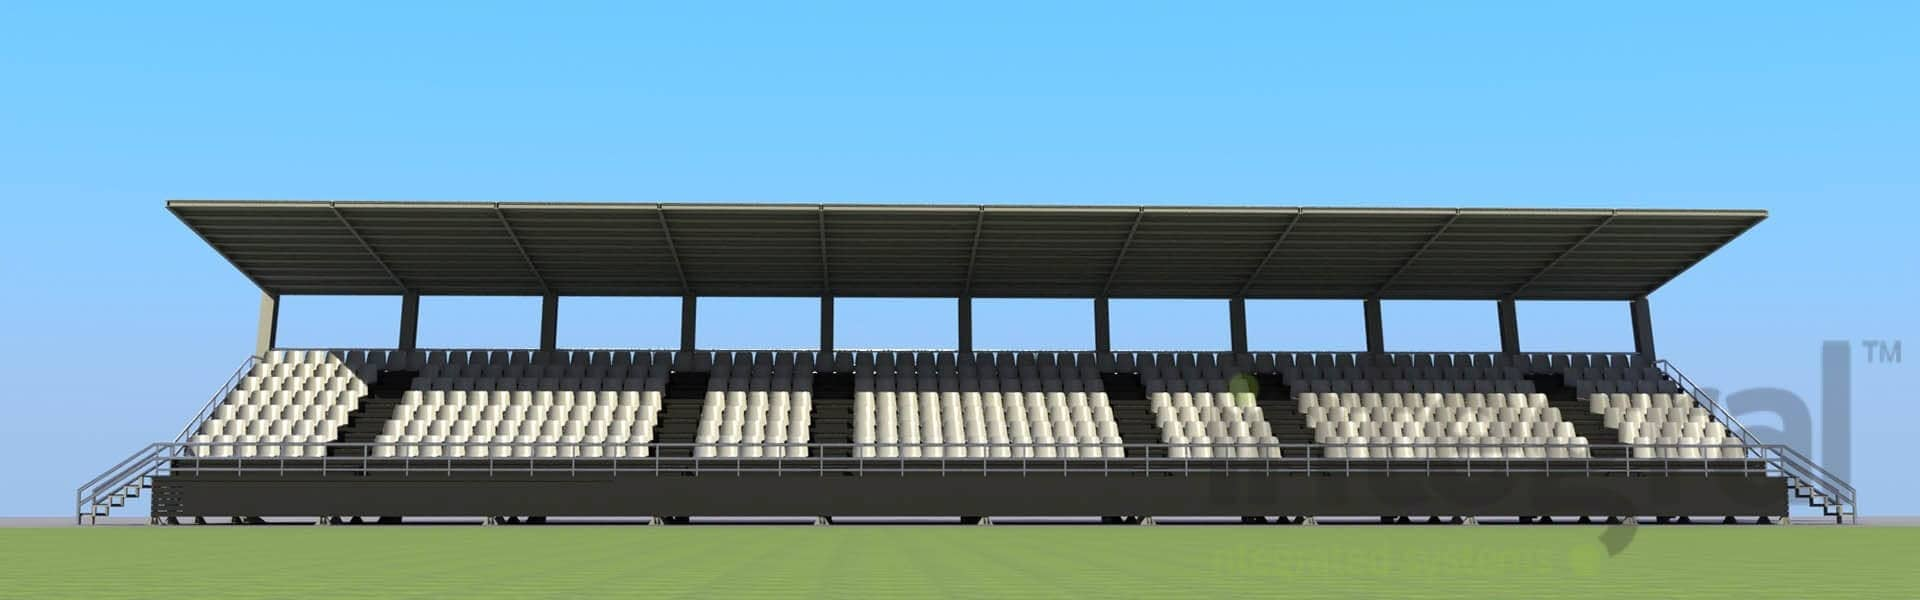 grandstand models